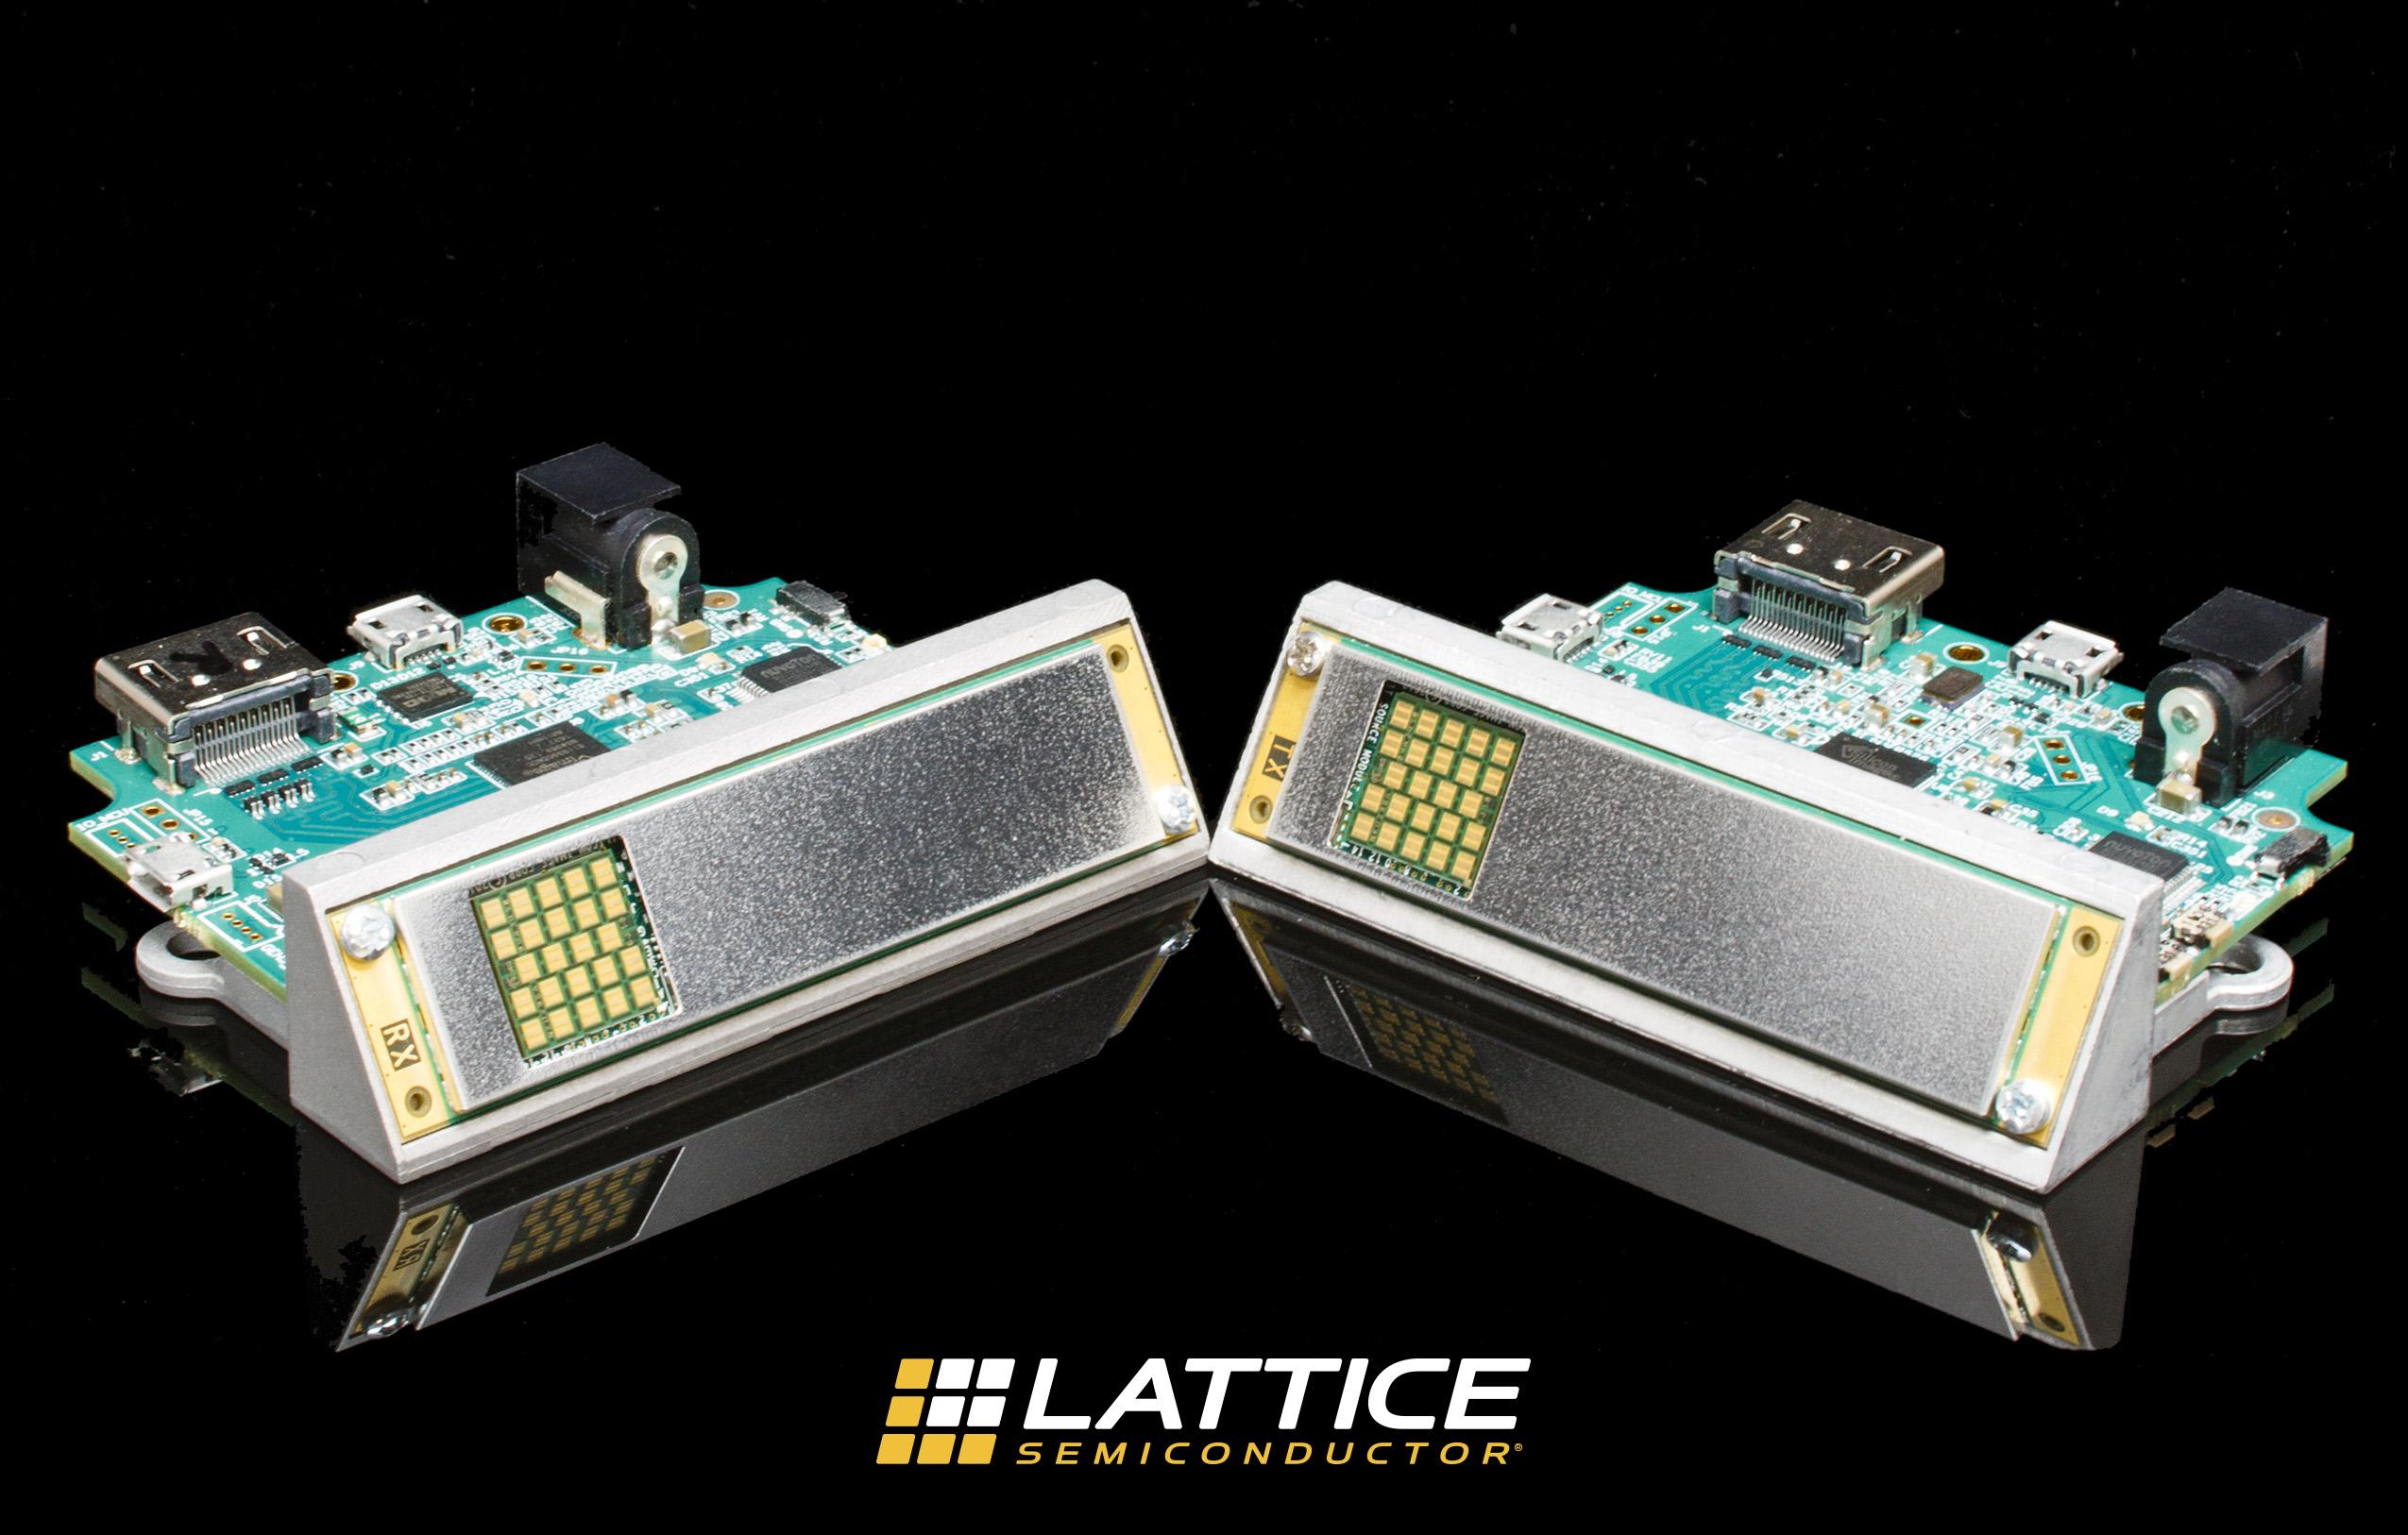 莱迪思半导体推出支持蓝光质量视频的超高清无线解决方案